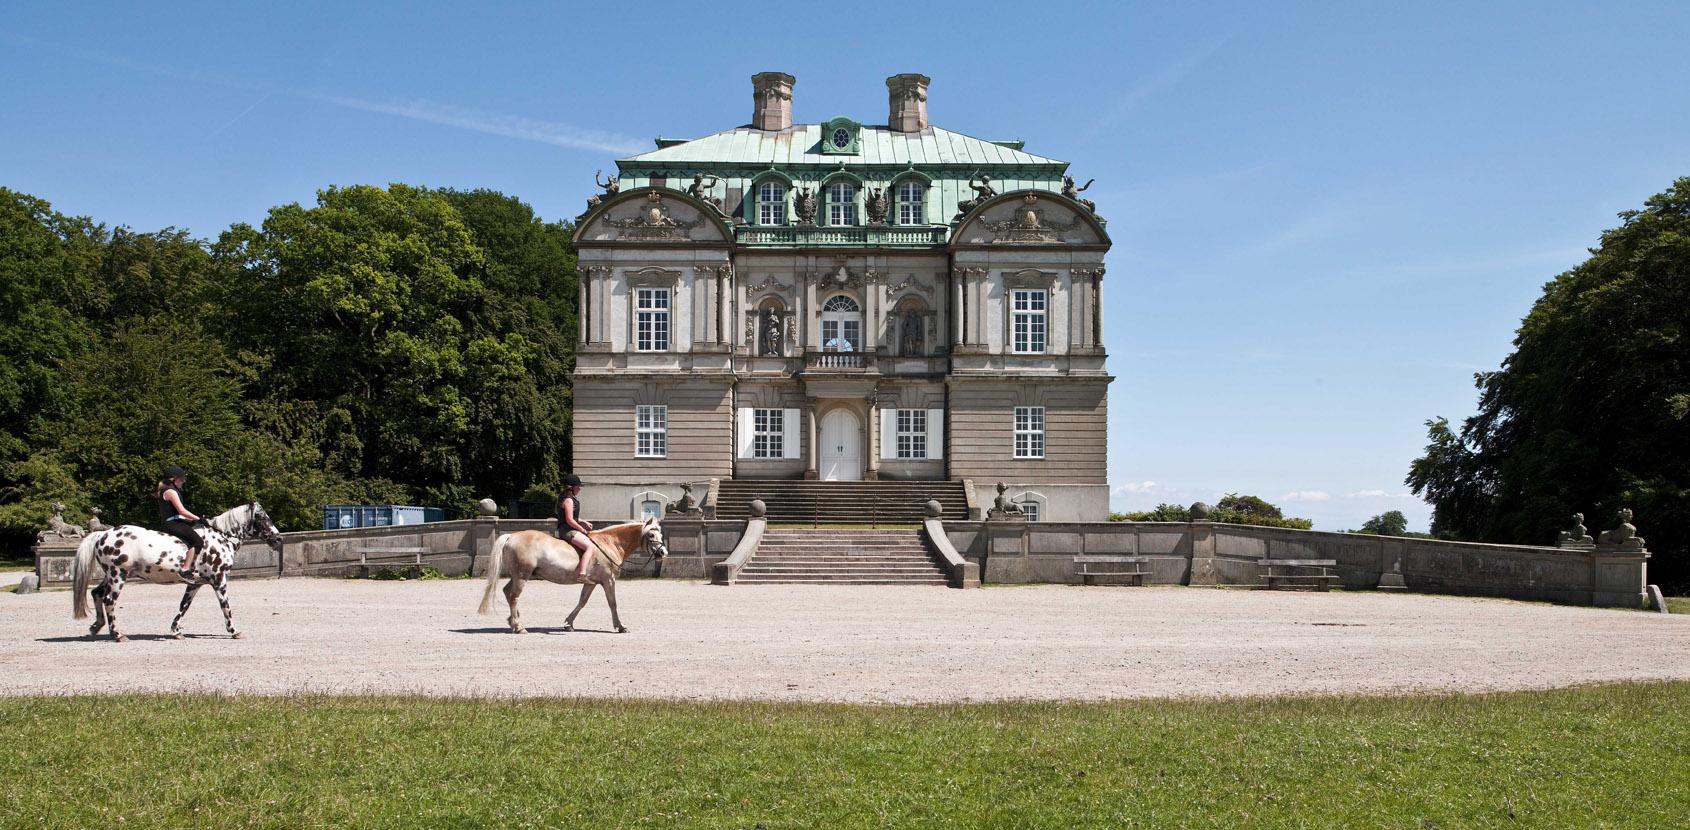 The Hermitage. Photo: Roberto Fortuna